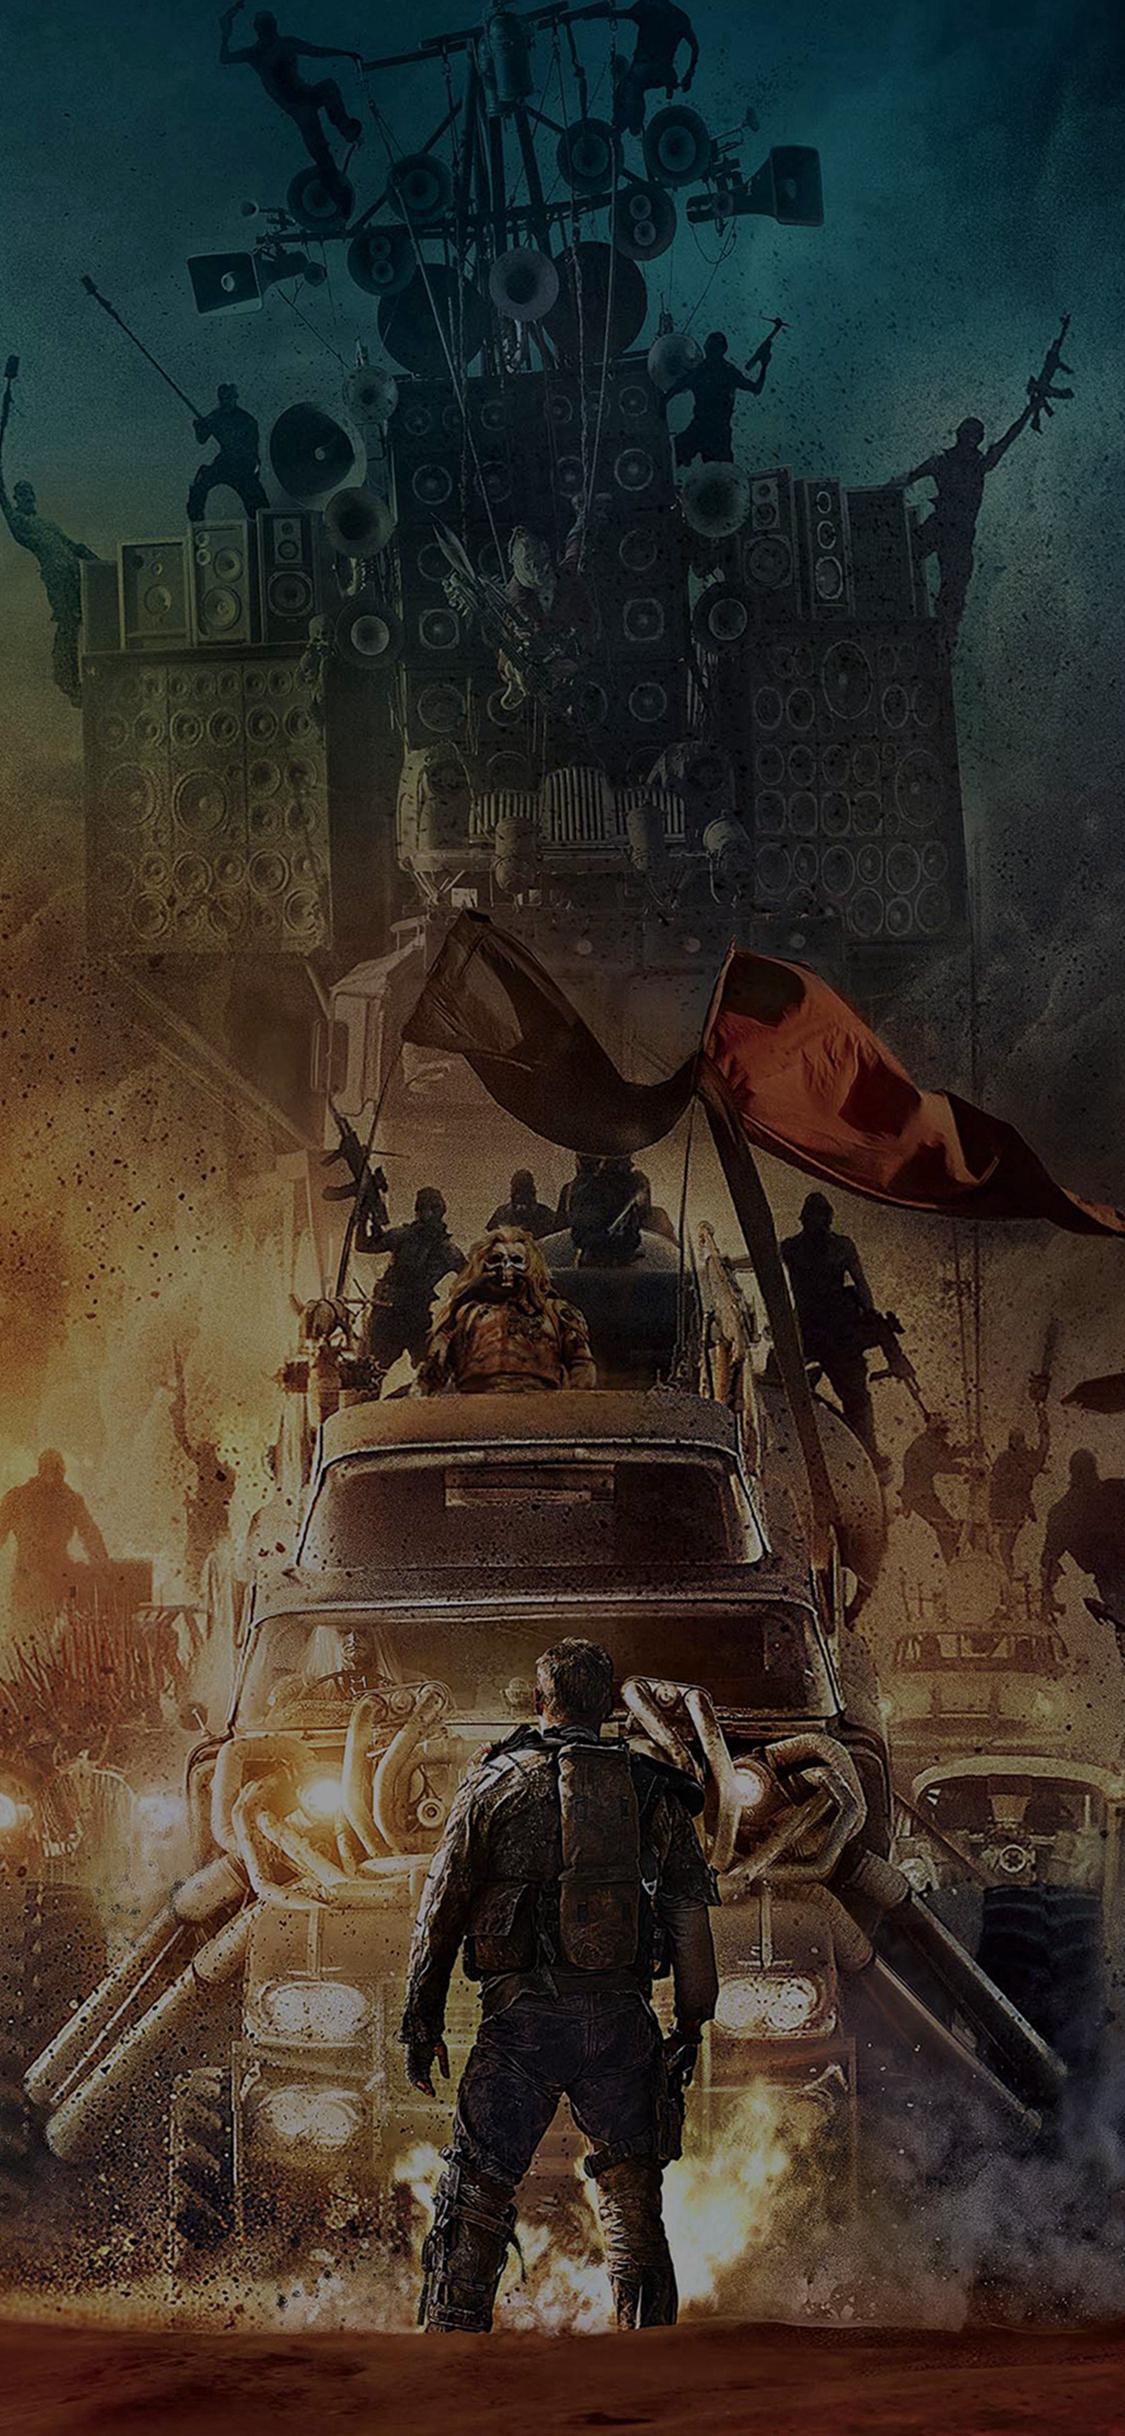 Poster Mad Max Furyroad Art Illust Dark iPhone X wallpaper